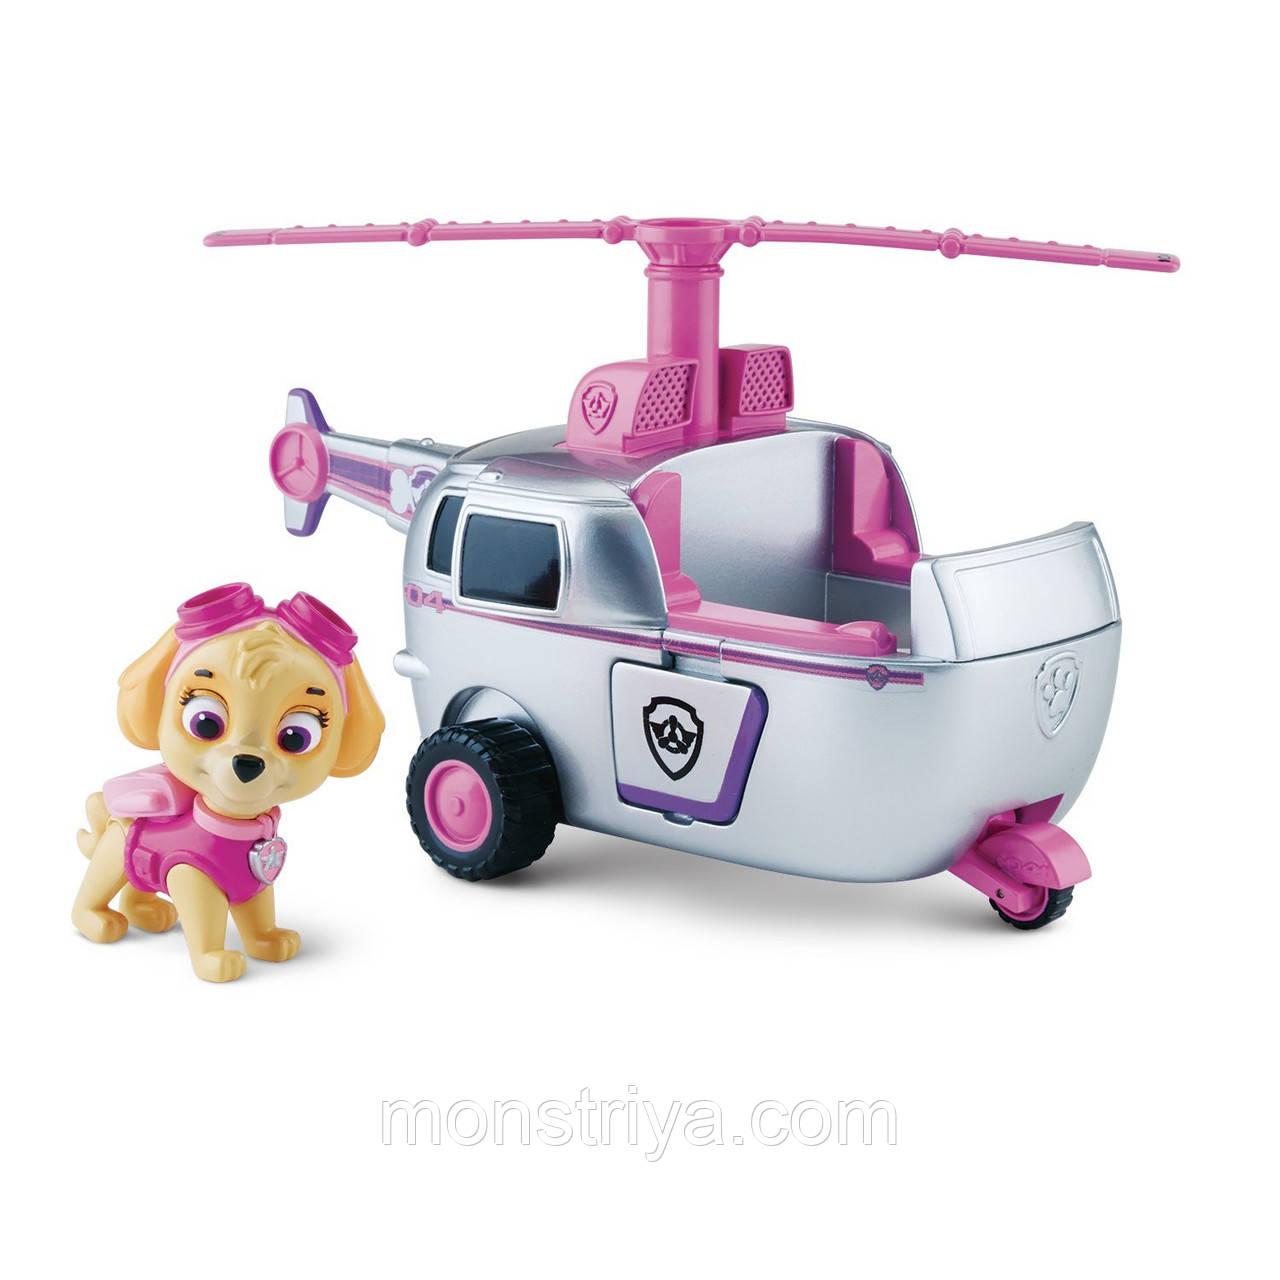 Игрушка щенячий патруль Воздушная собака Скай - фото 2